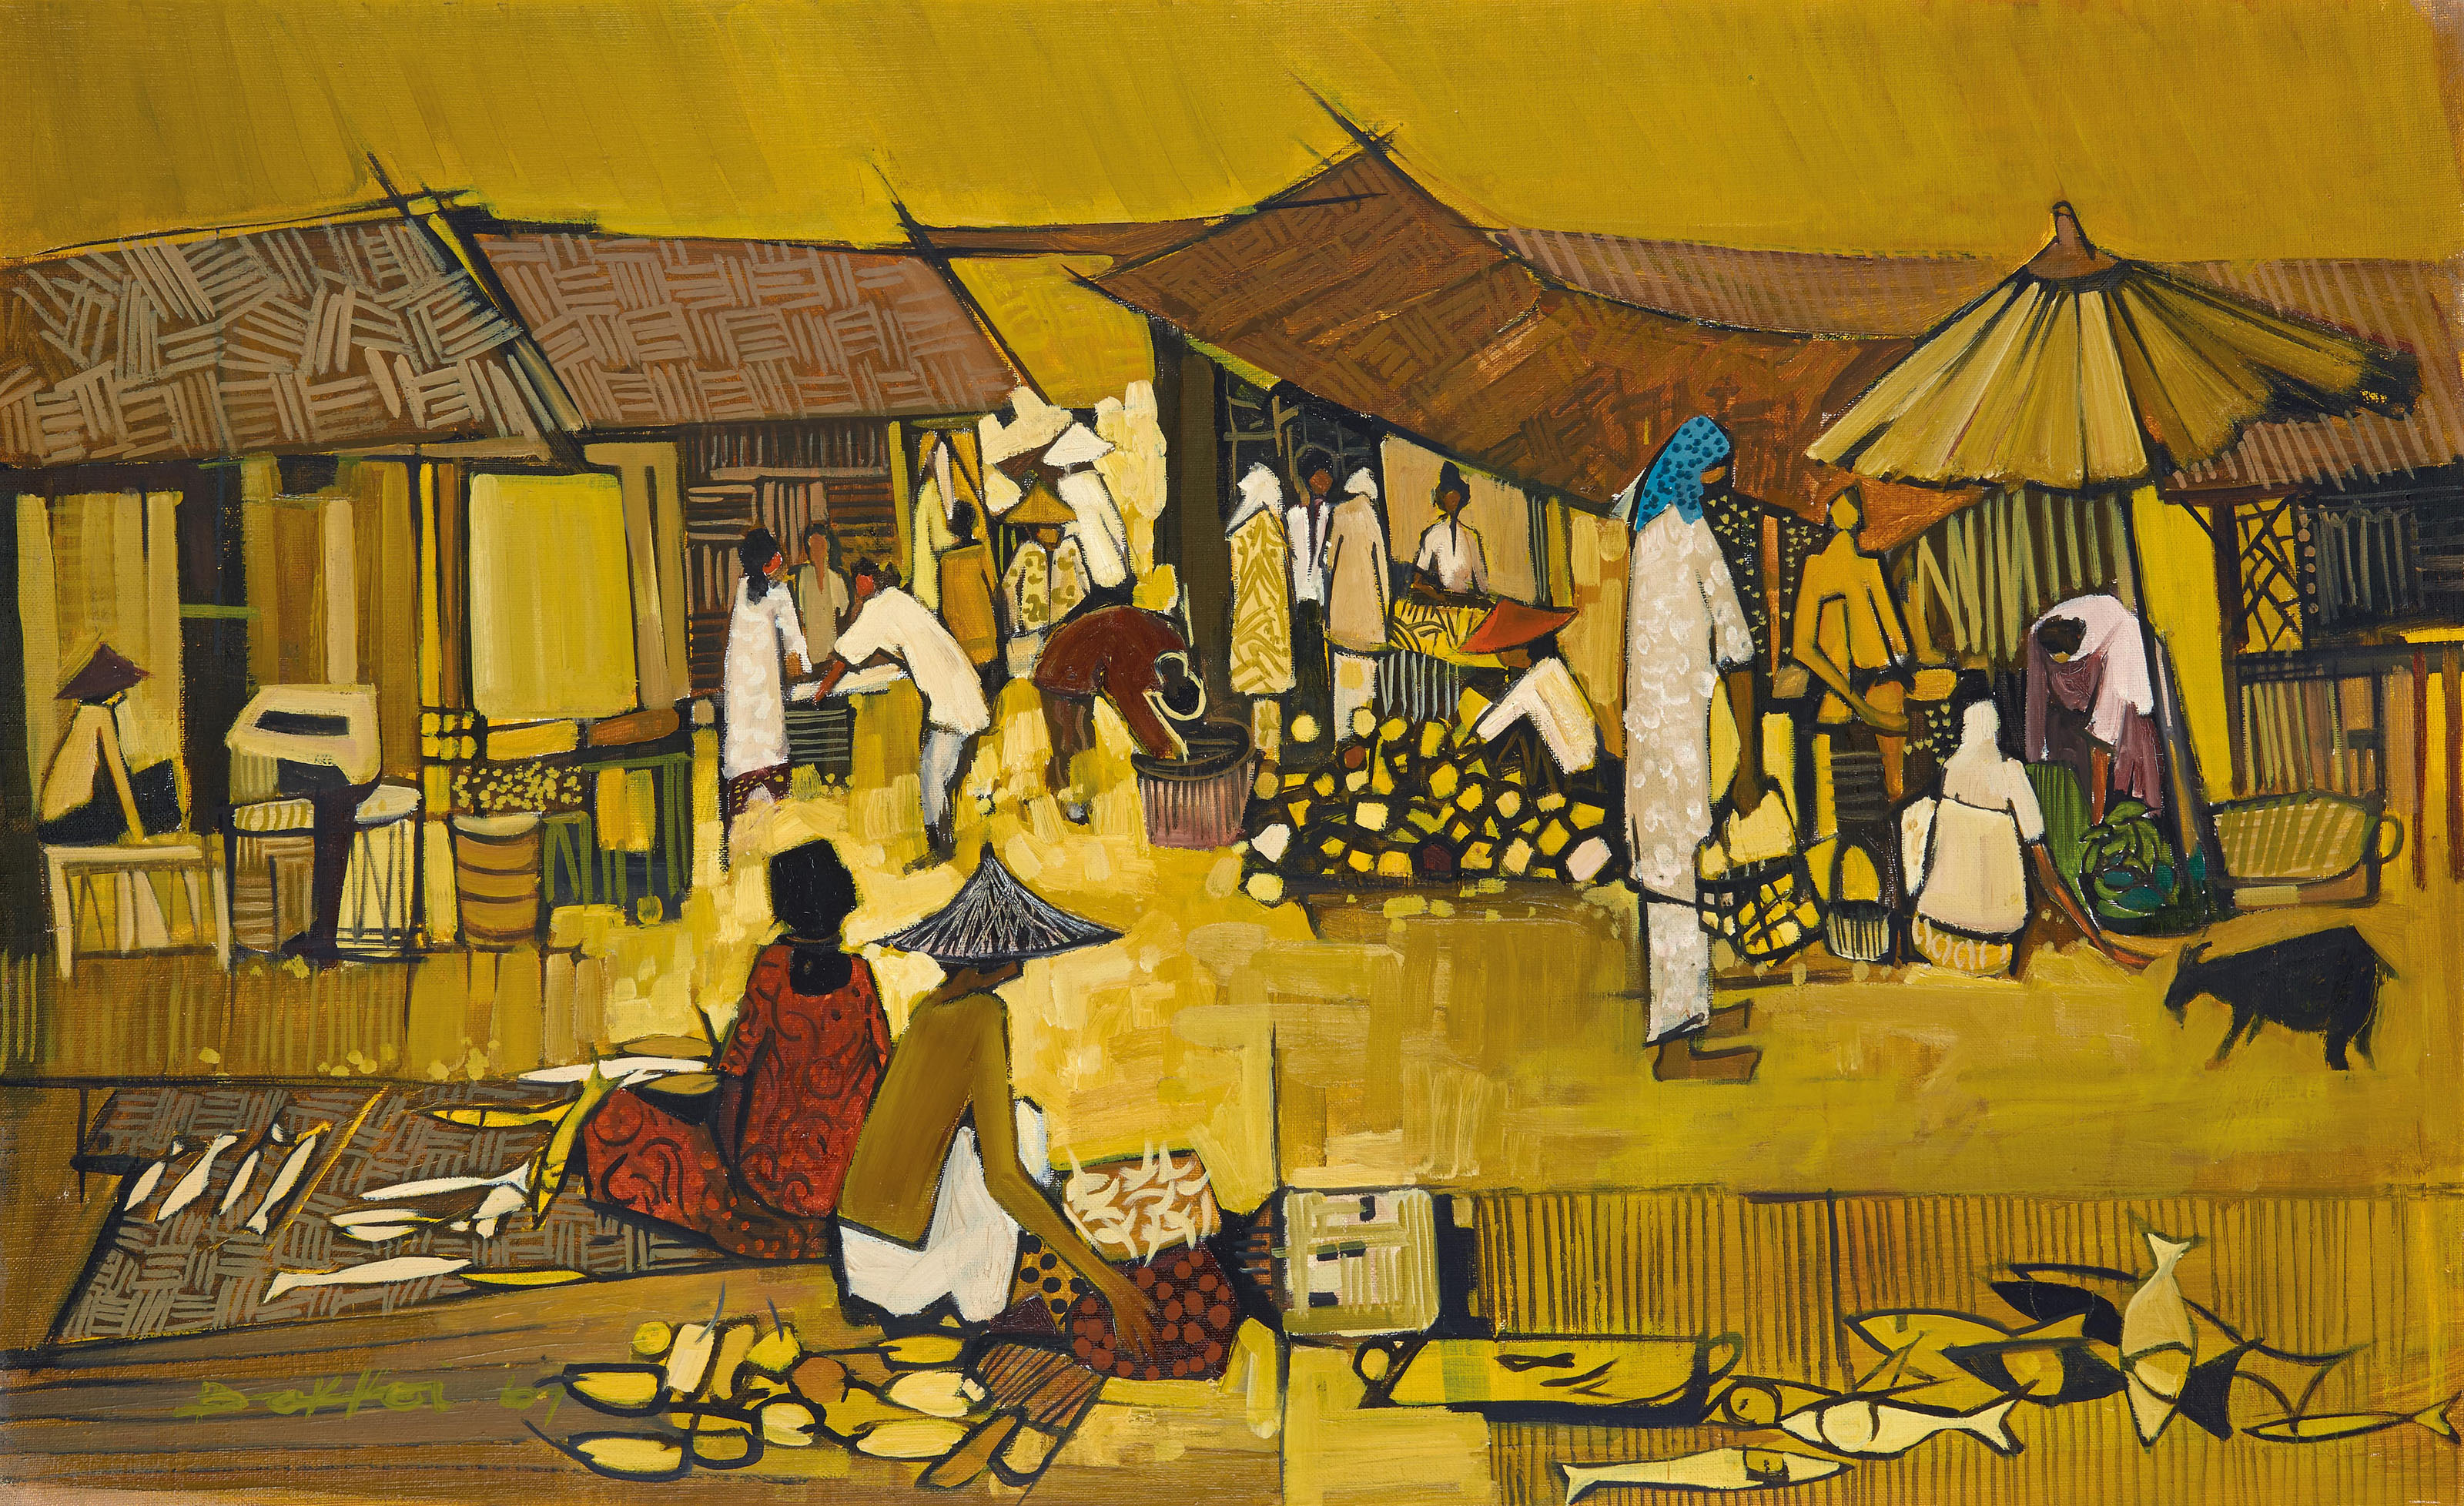 TAY BAK KOI (Singaporean, 1939